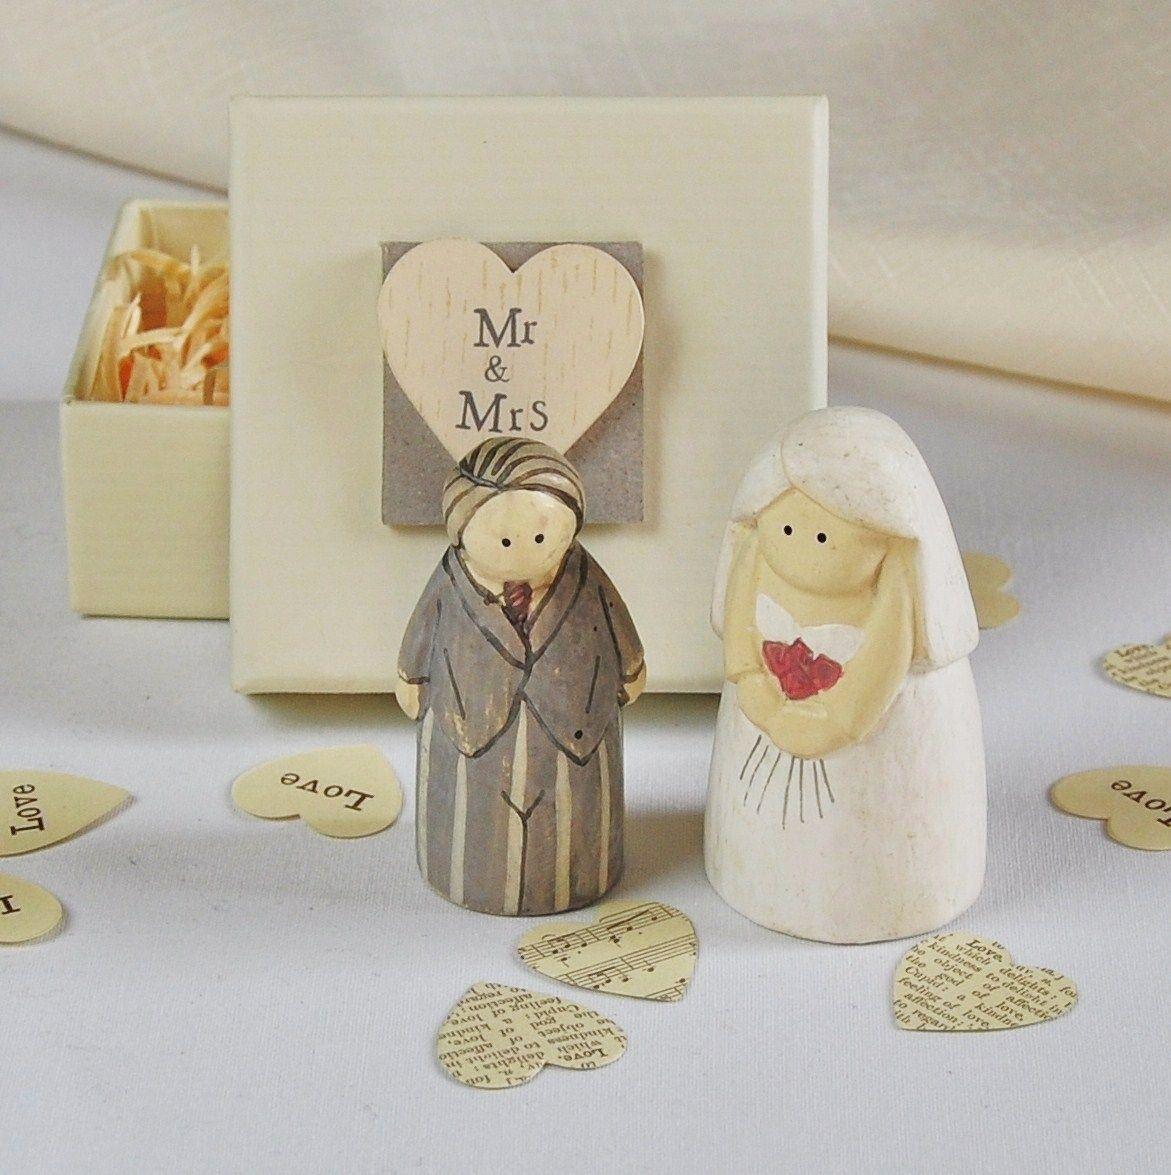 una bonita pareja de novios perfecta para decorar el pastel o como detalle de bodas